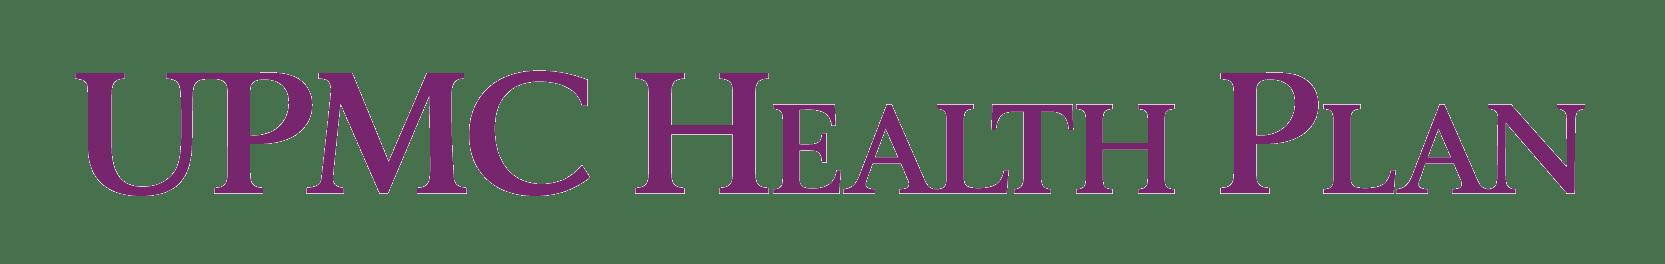 UPMC_3_HealthPlan_H_CMYK_1538420436136.png